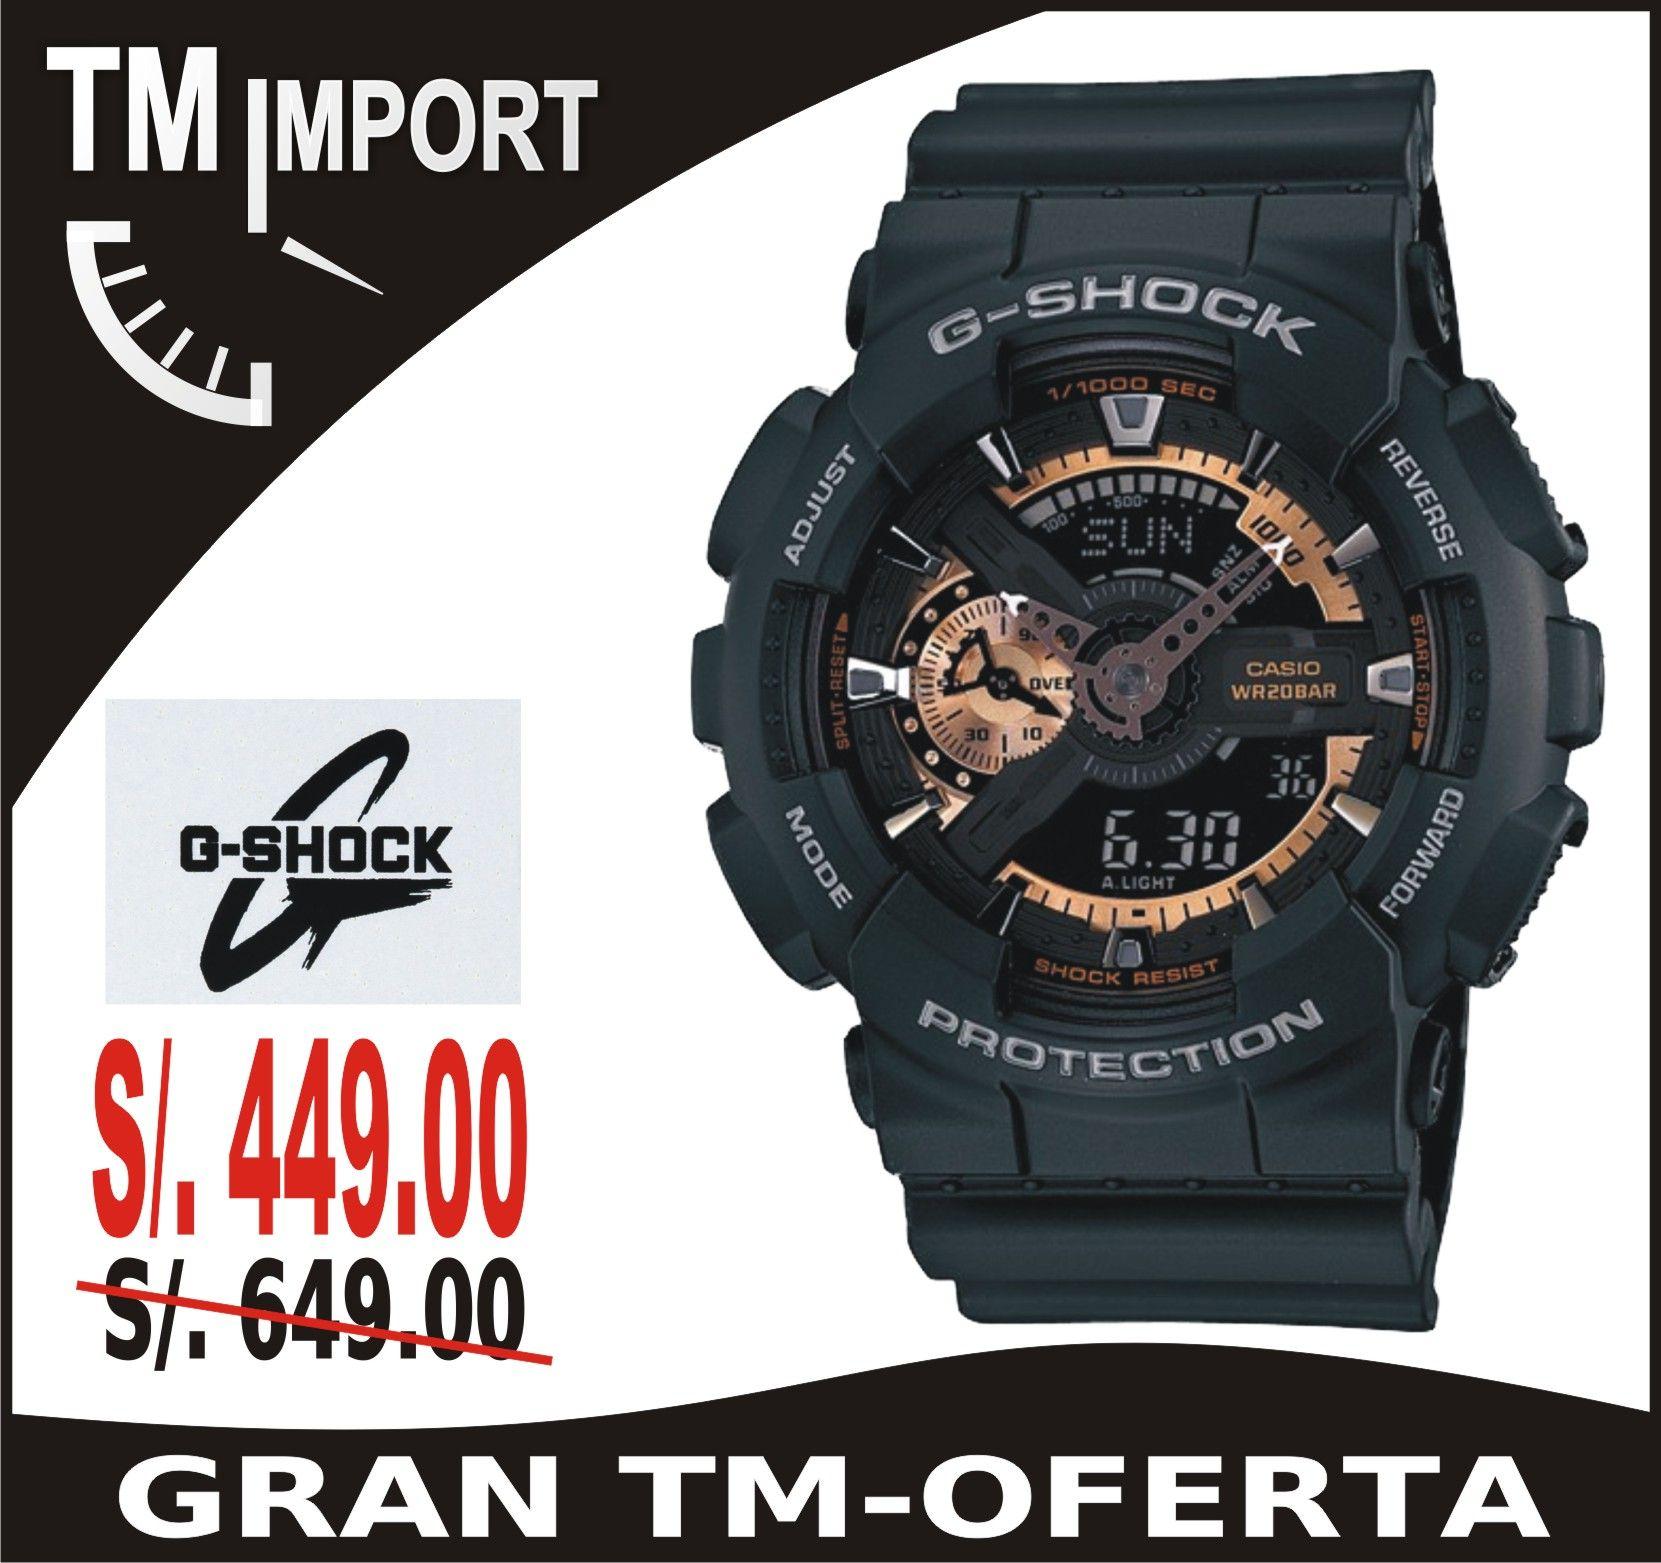 afcf05f6dc30 Reloj Casio G-Shock Modelo GA200RG a solo S . 449